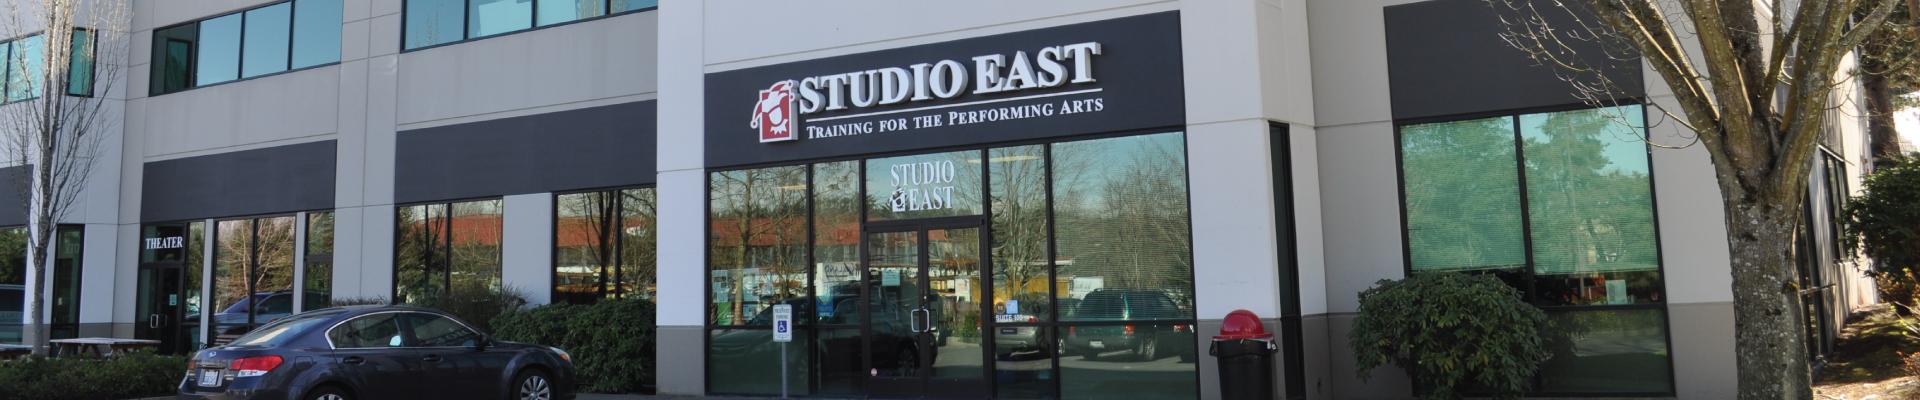 Studio East in Kirkland WA